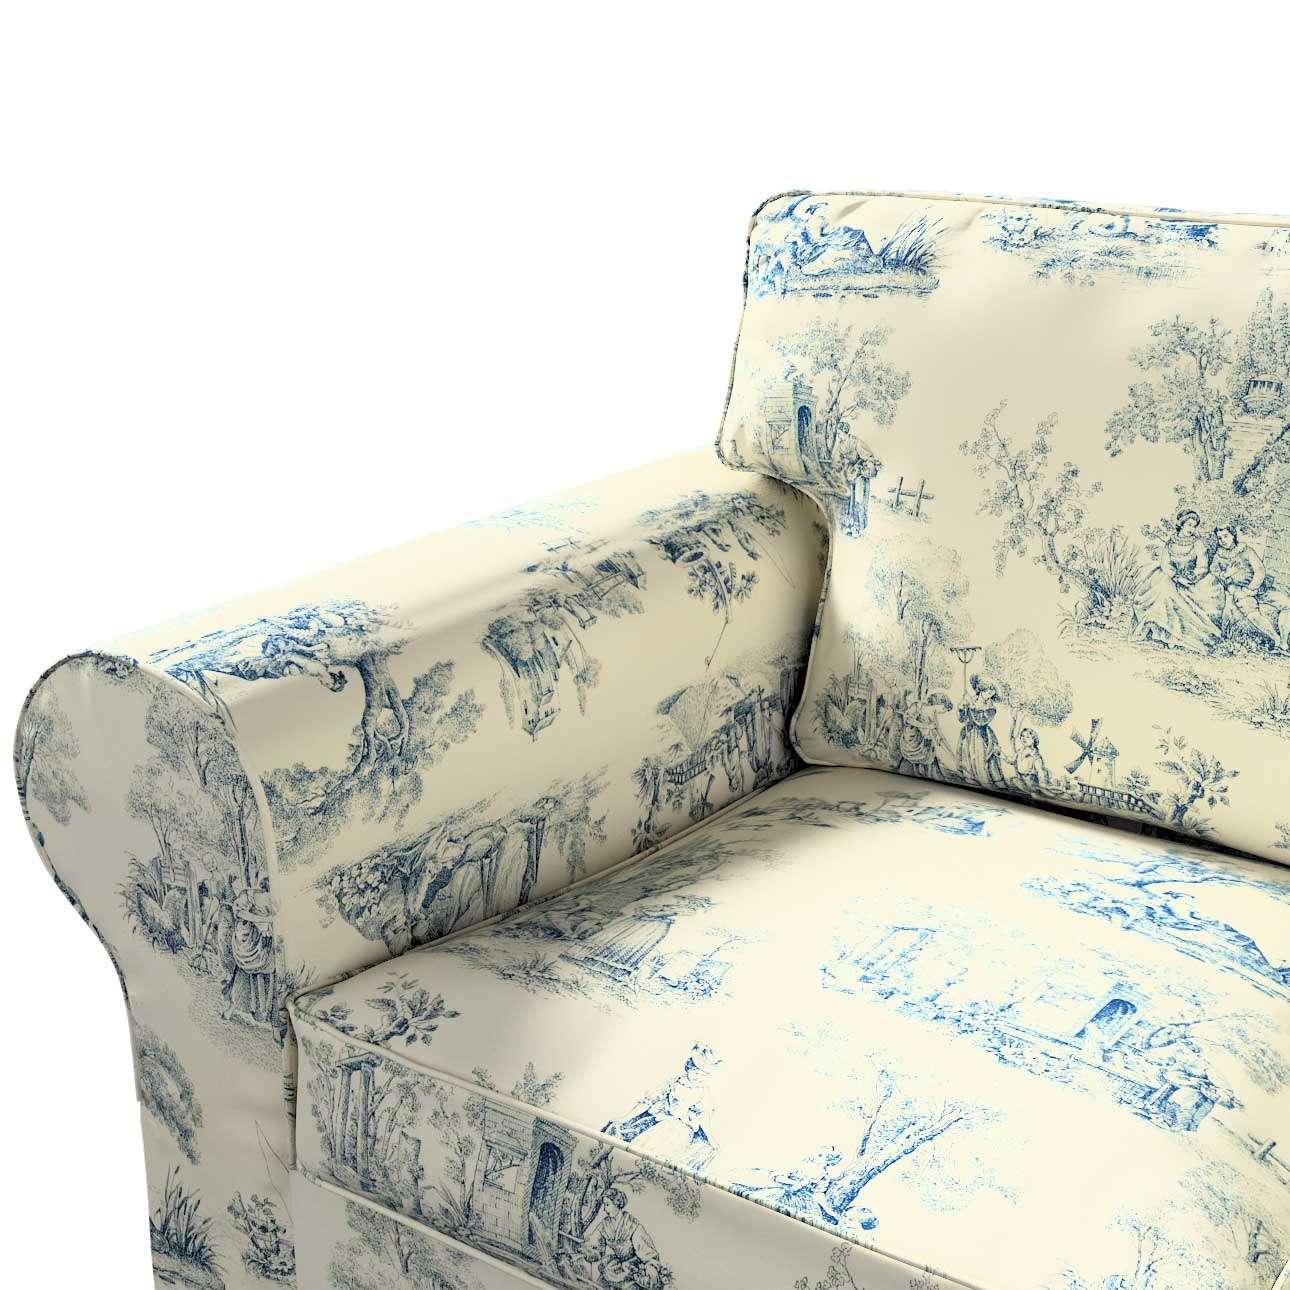 Ektorp trivietės sofos užvalkalas Ektorp trivietės sofos užvalkalas kolekcijoje Avinon, audinys: 132-66